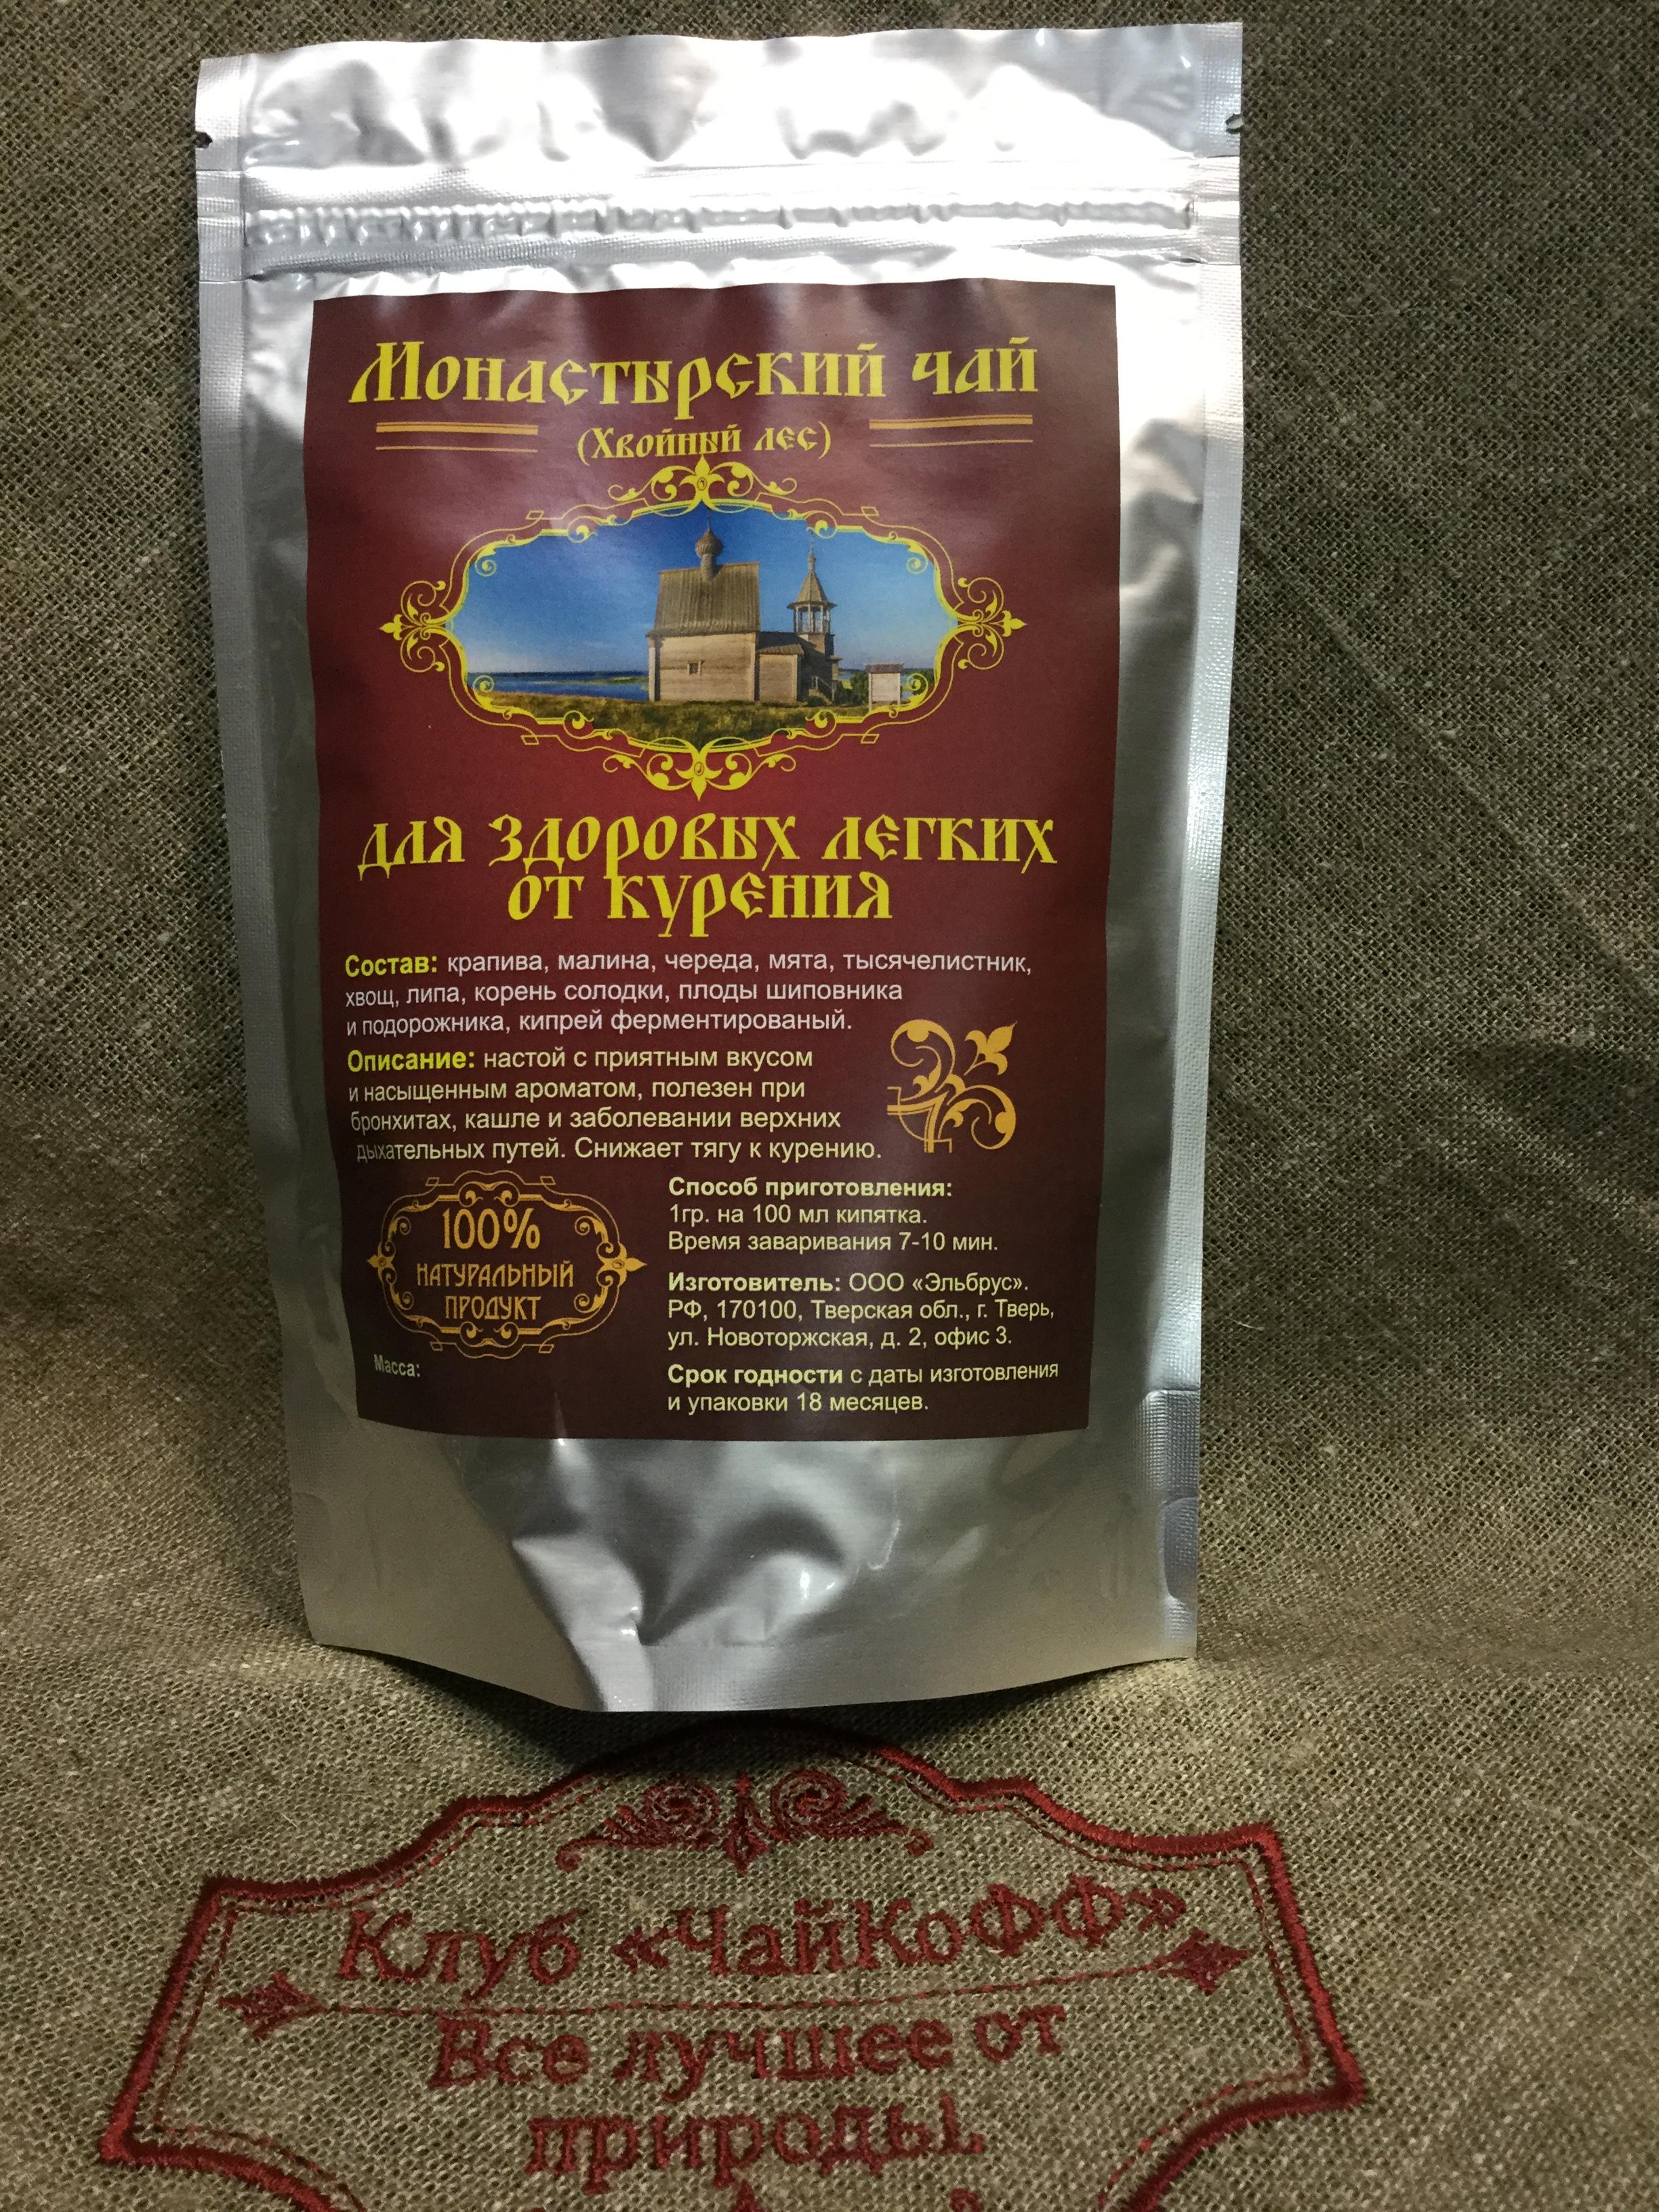 Чай от курения монастырский купить